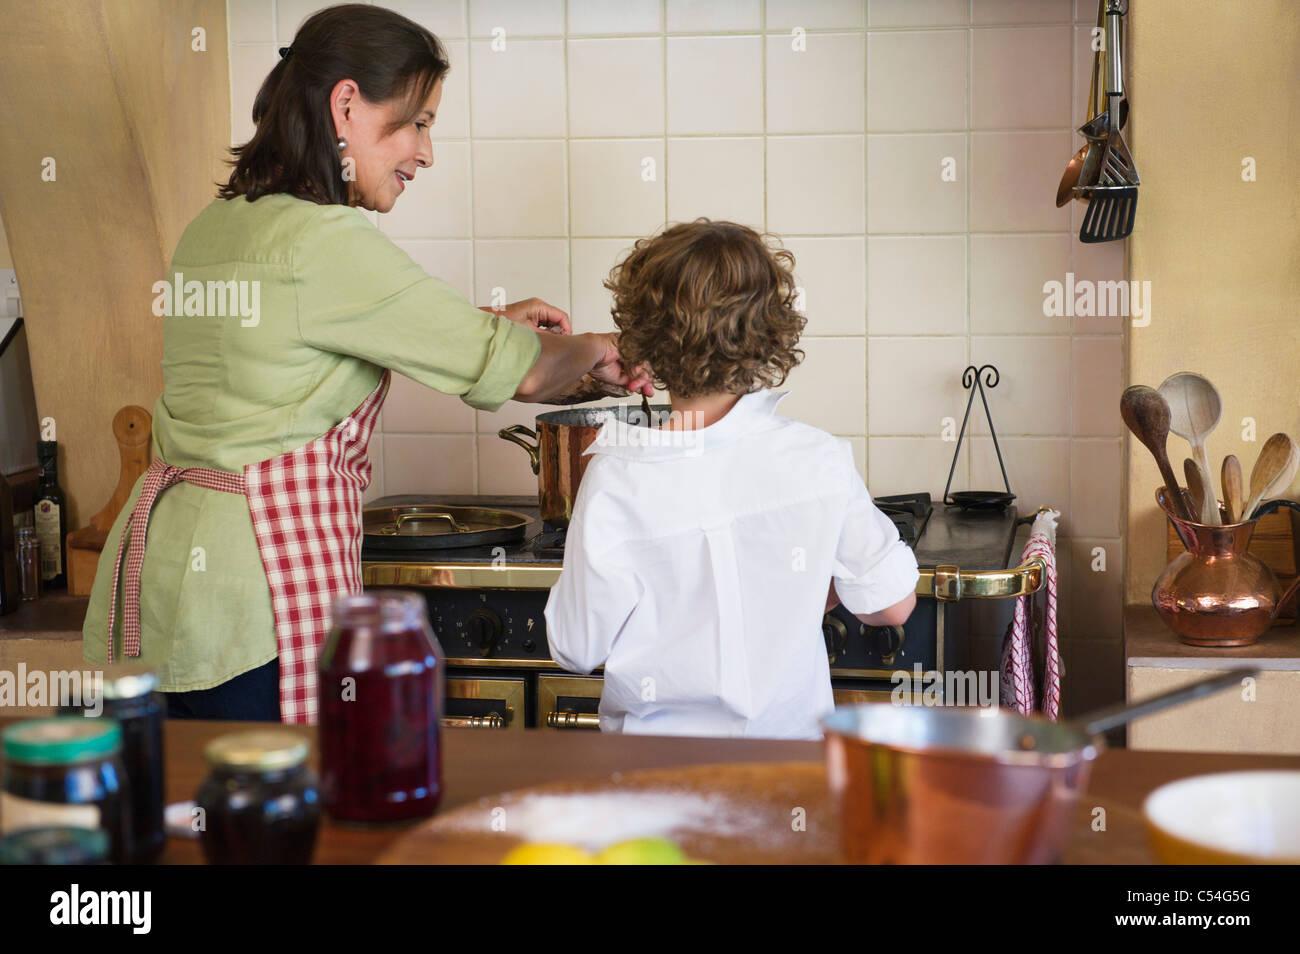 Großmutter und kleinen Jungen zu Hause gemeinsam Essen kochen Stockbild